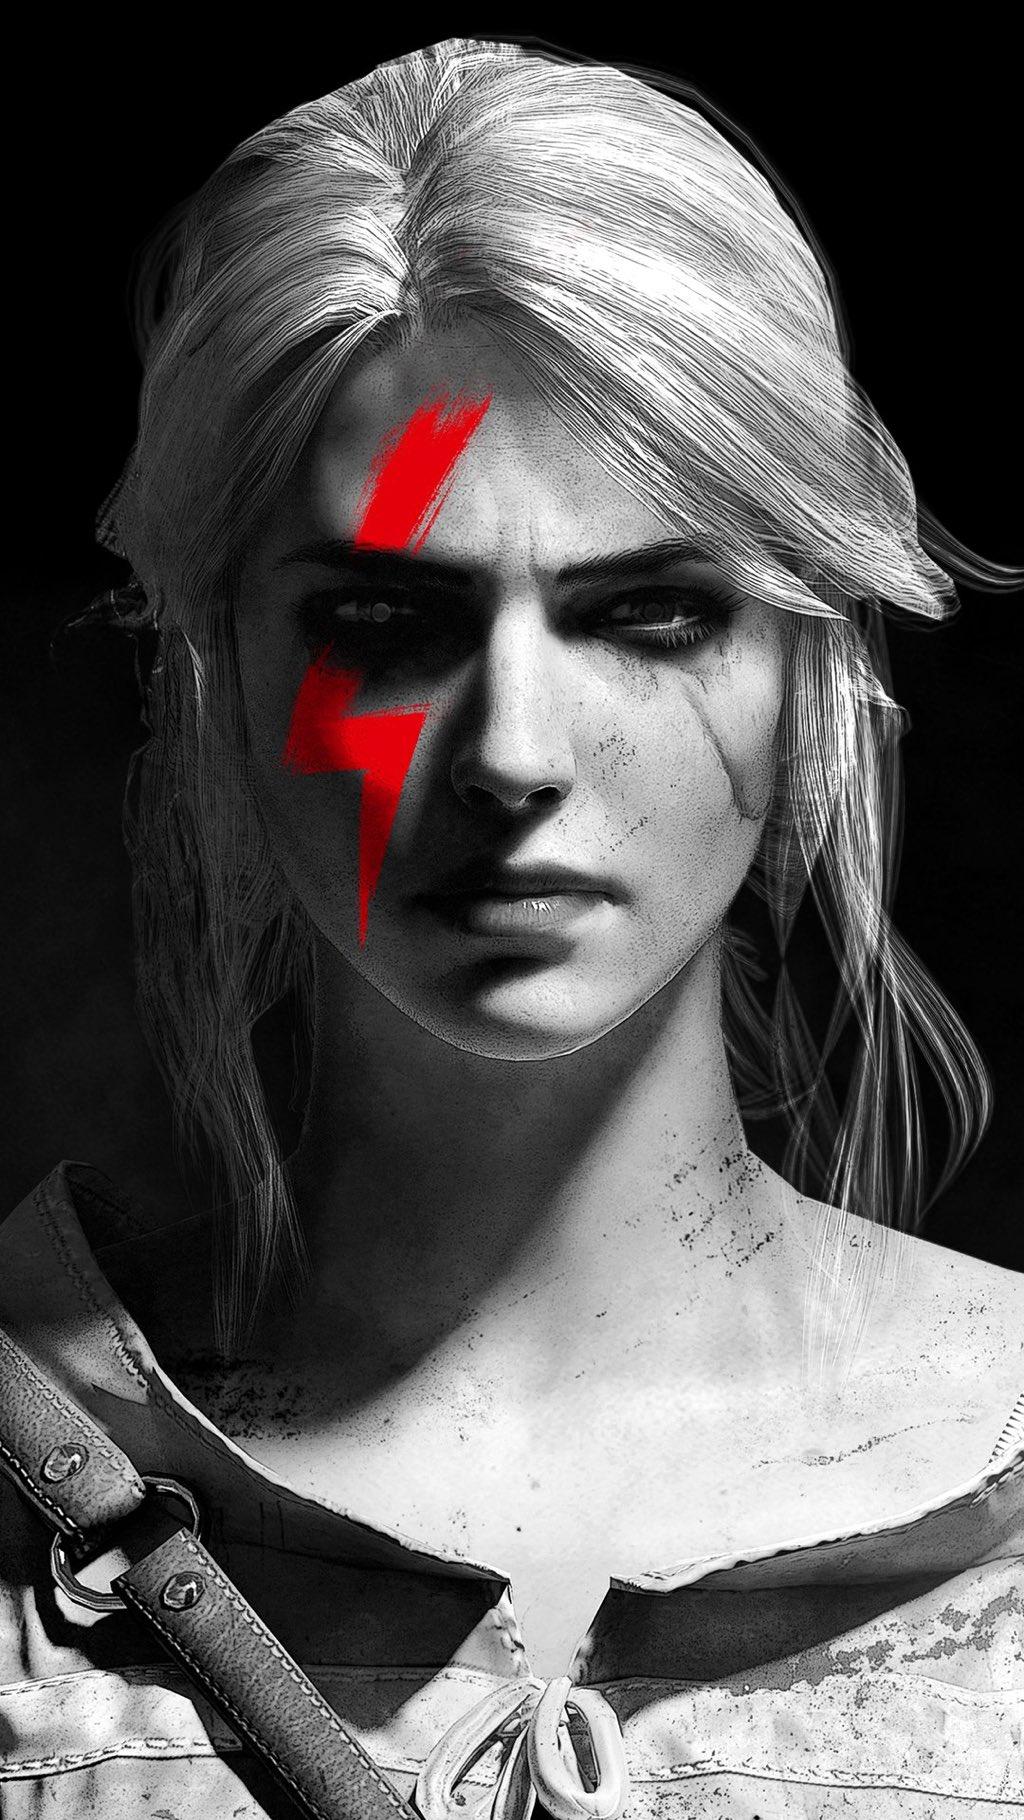 Twarz Ciri z czerwoną błyskawicą po jej prawej stronie.